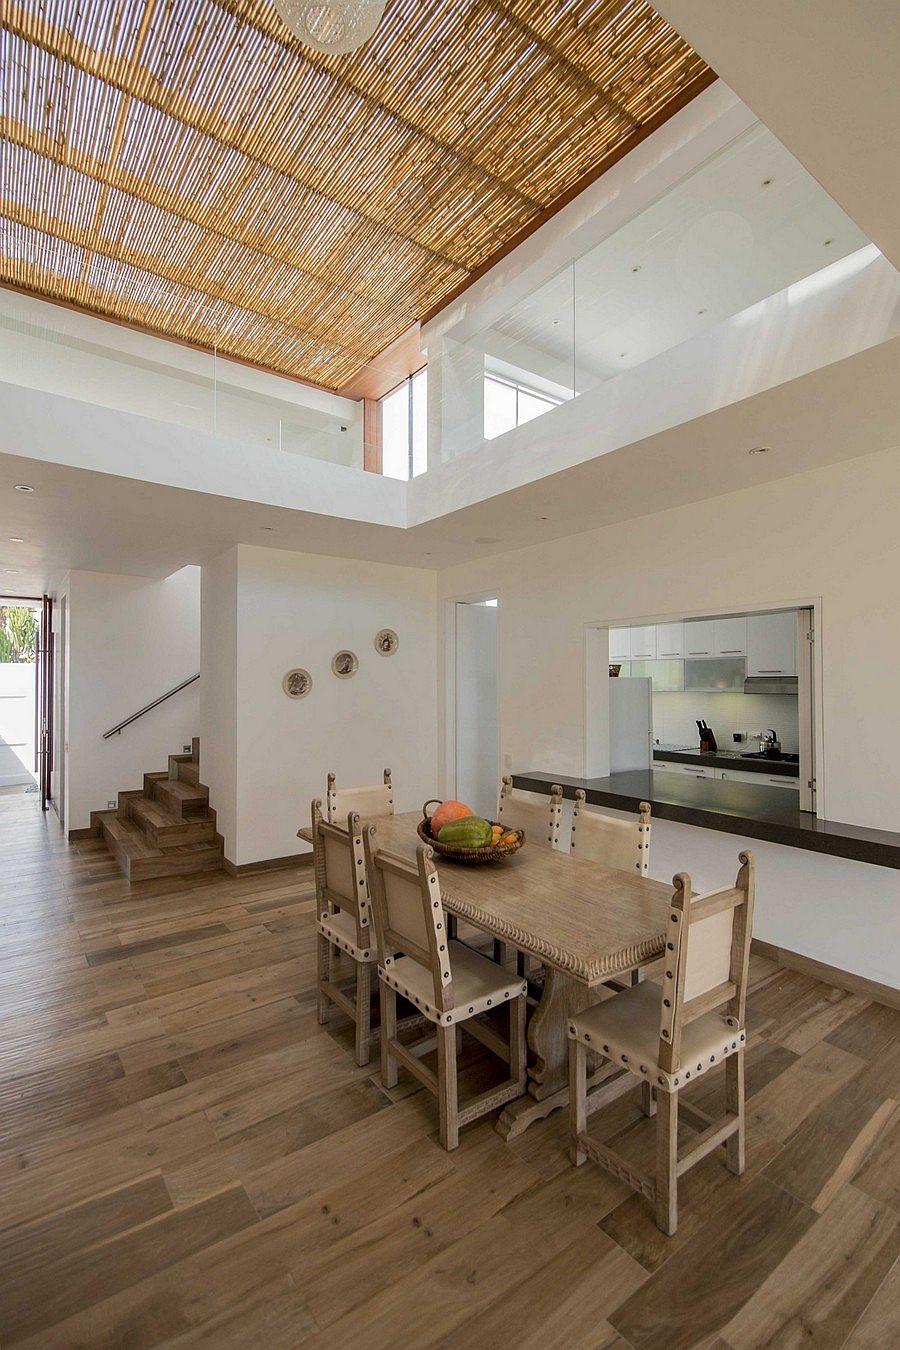 Выбирая дизайн потолка, не забывайте об общем стиле интерьера